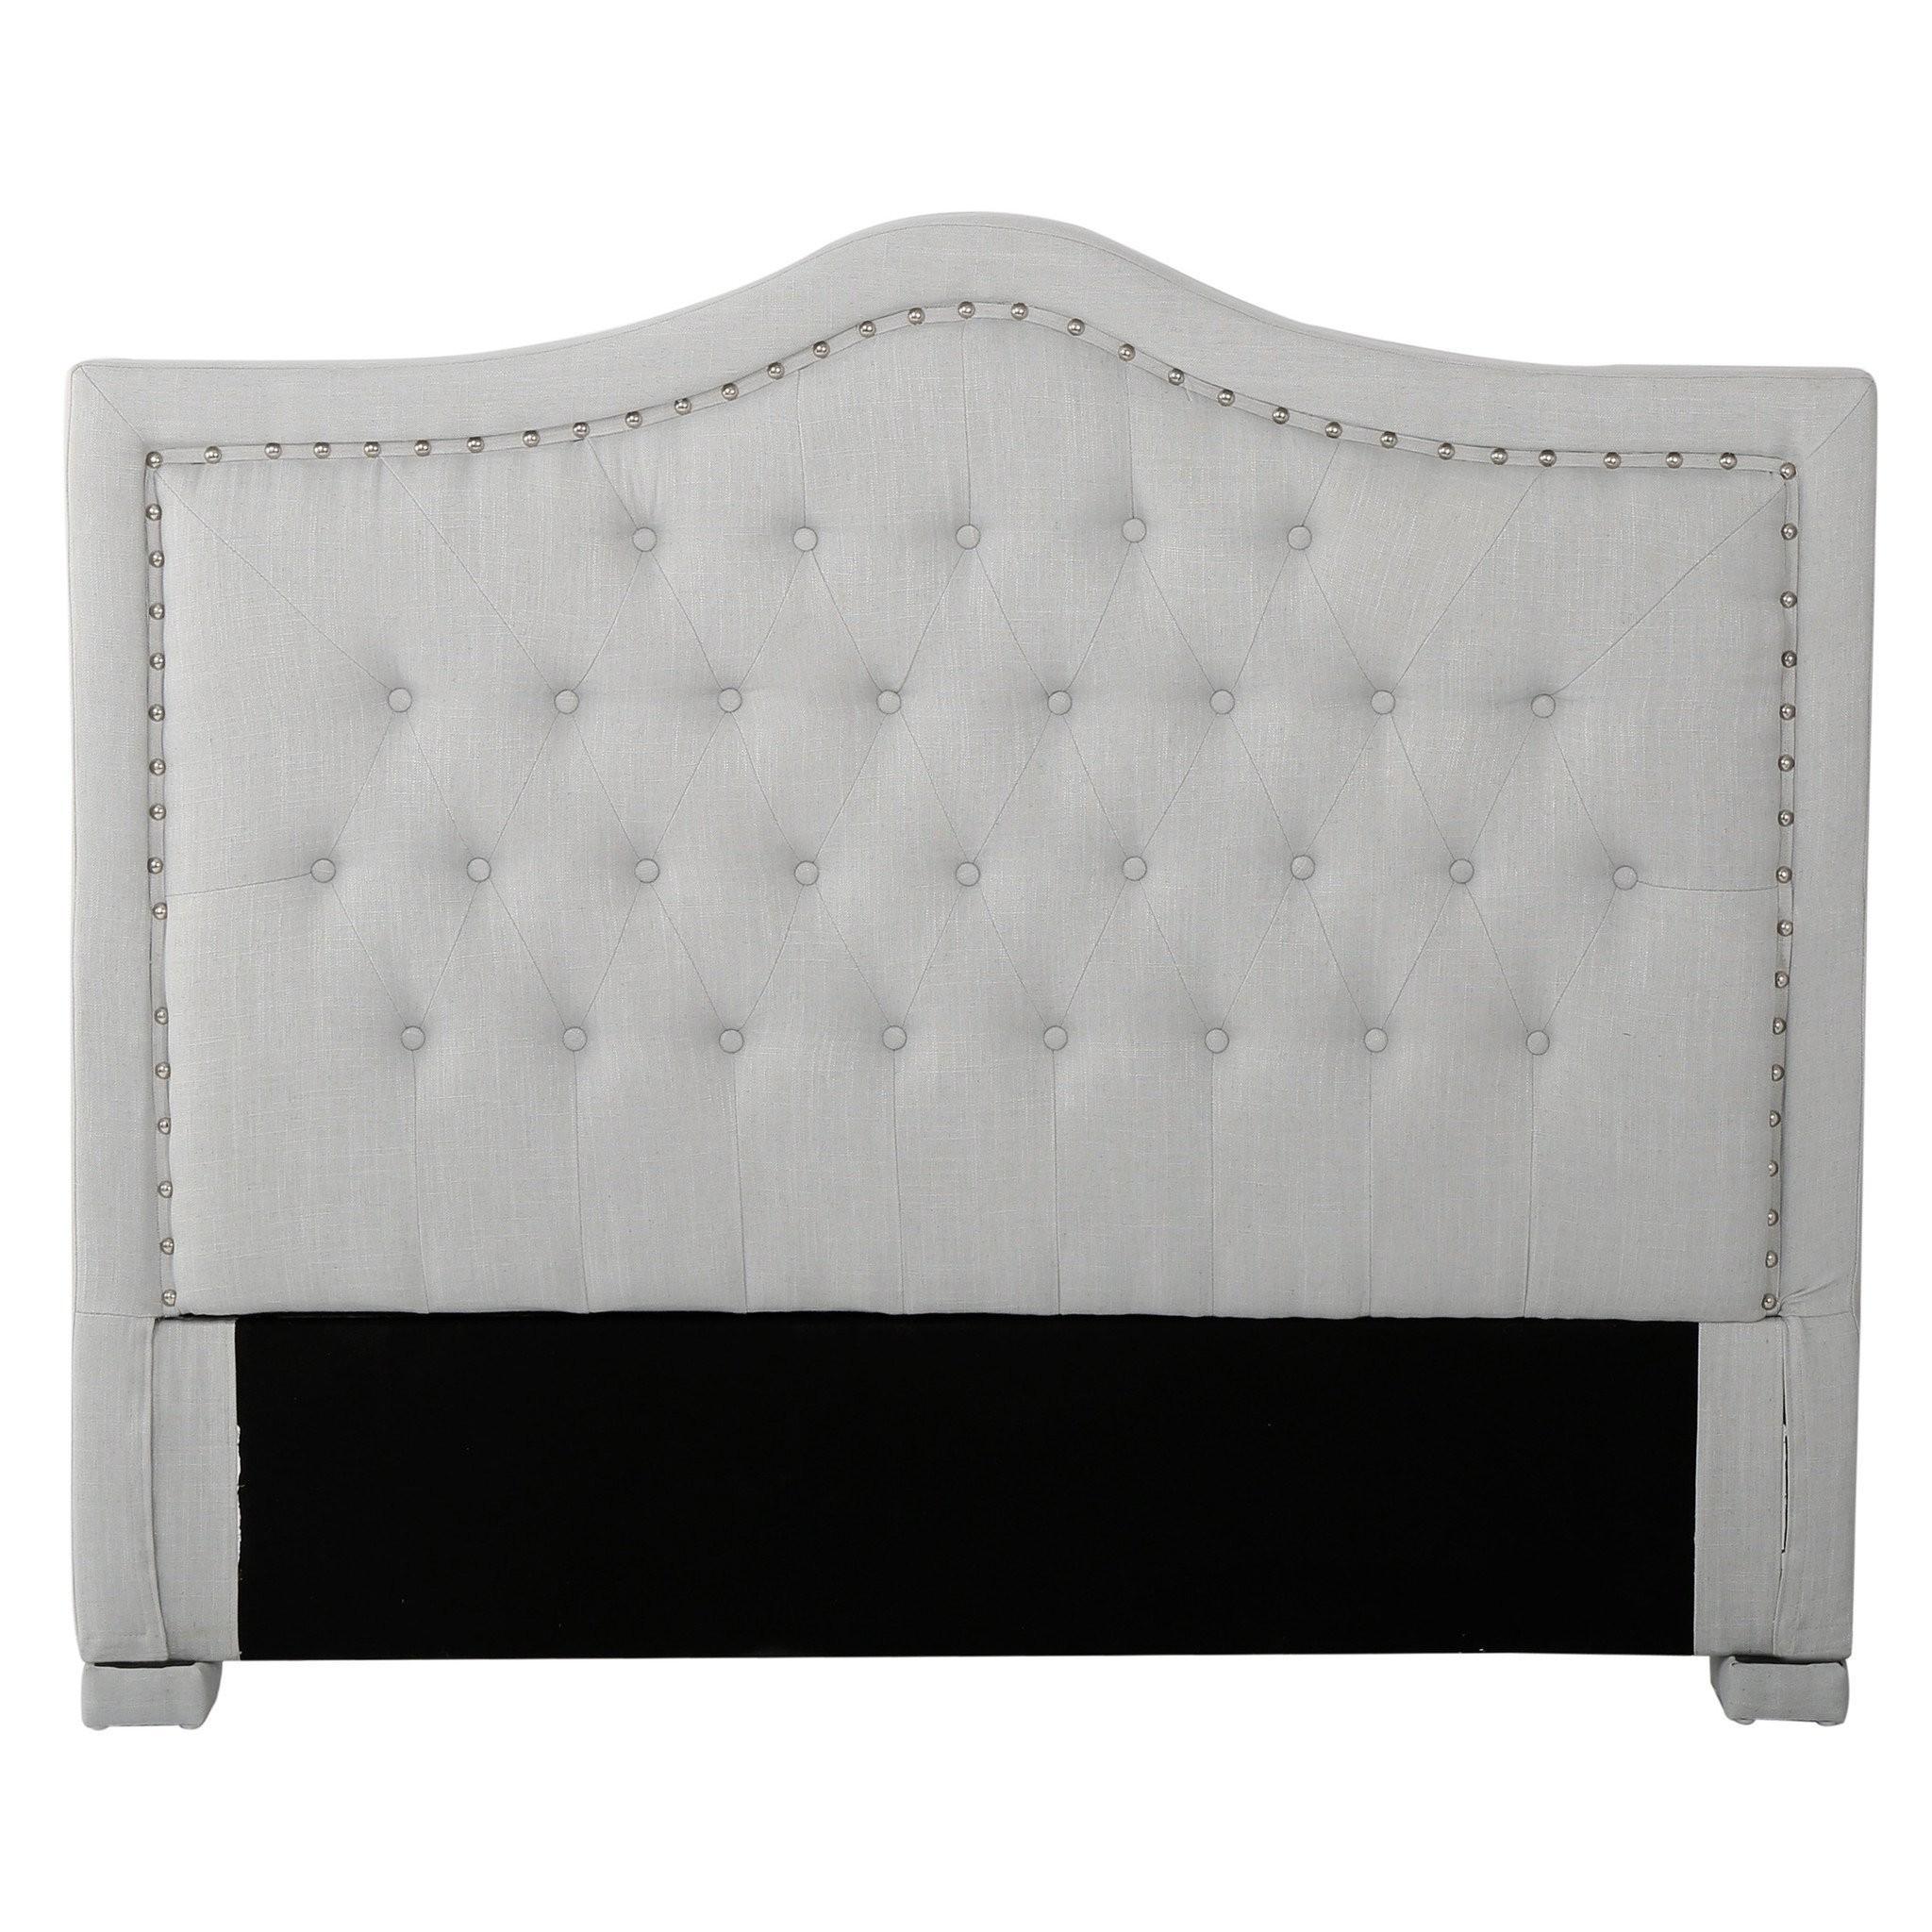 Denise Austin Home Ronan Full/ Queen Upholstered T...